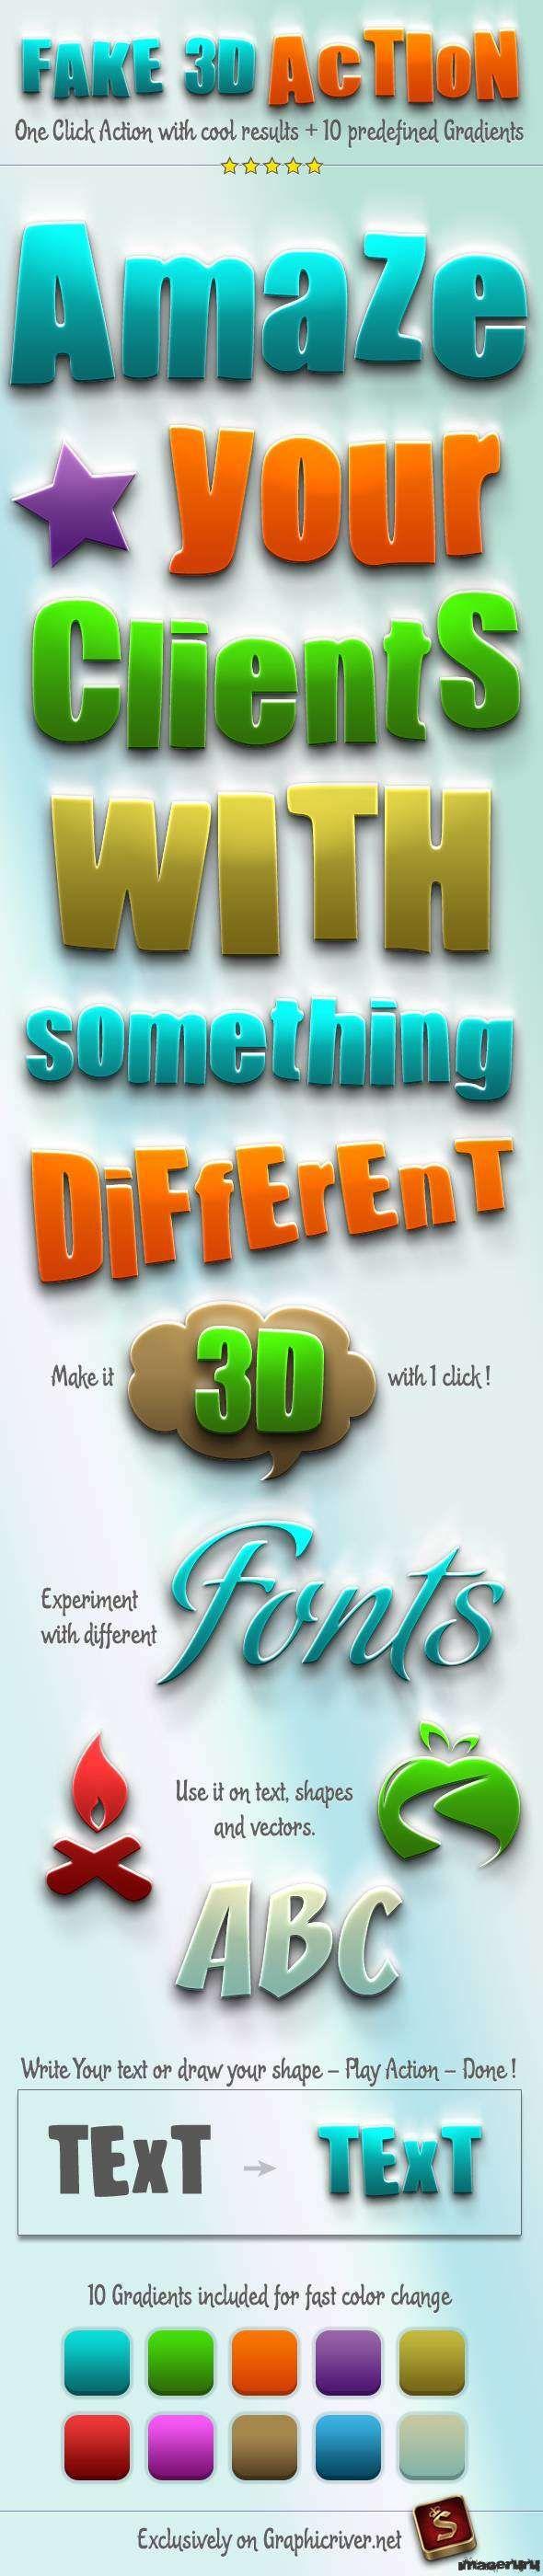 Сделать изображение объёмным - 3D Photoshop Action